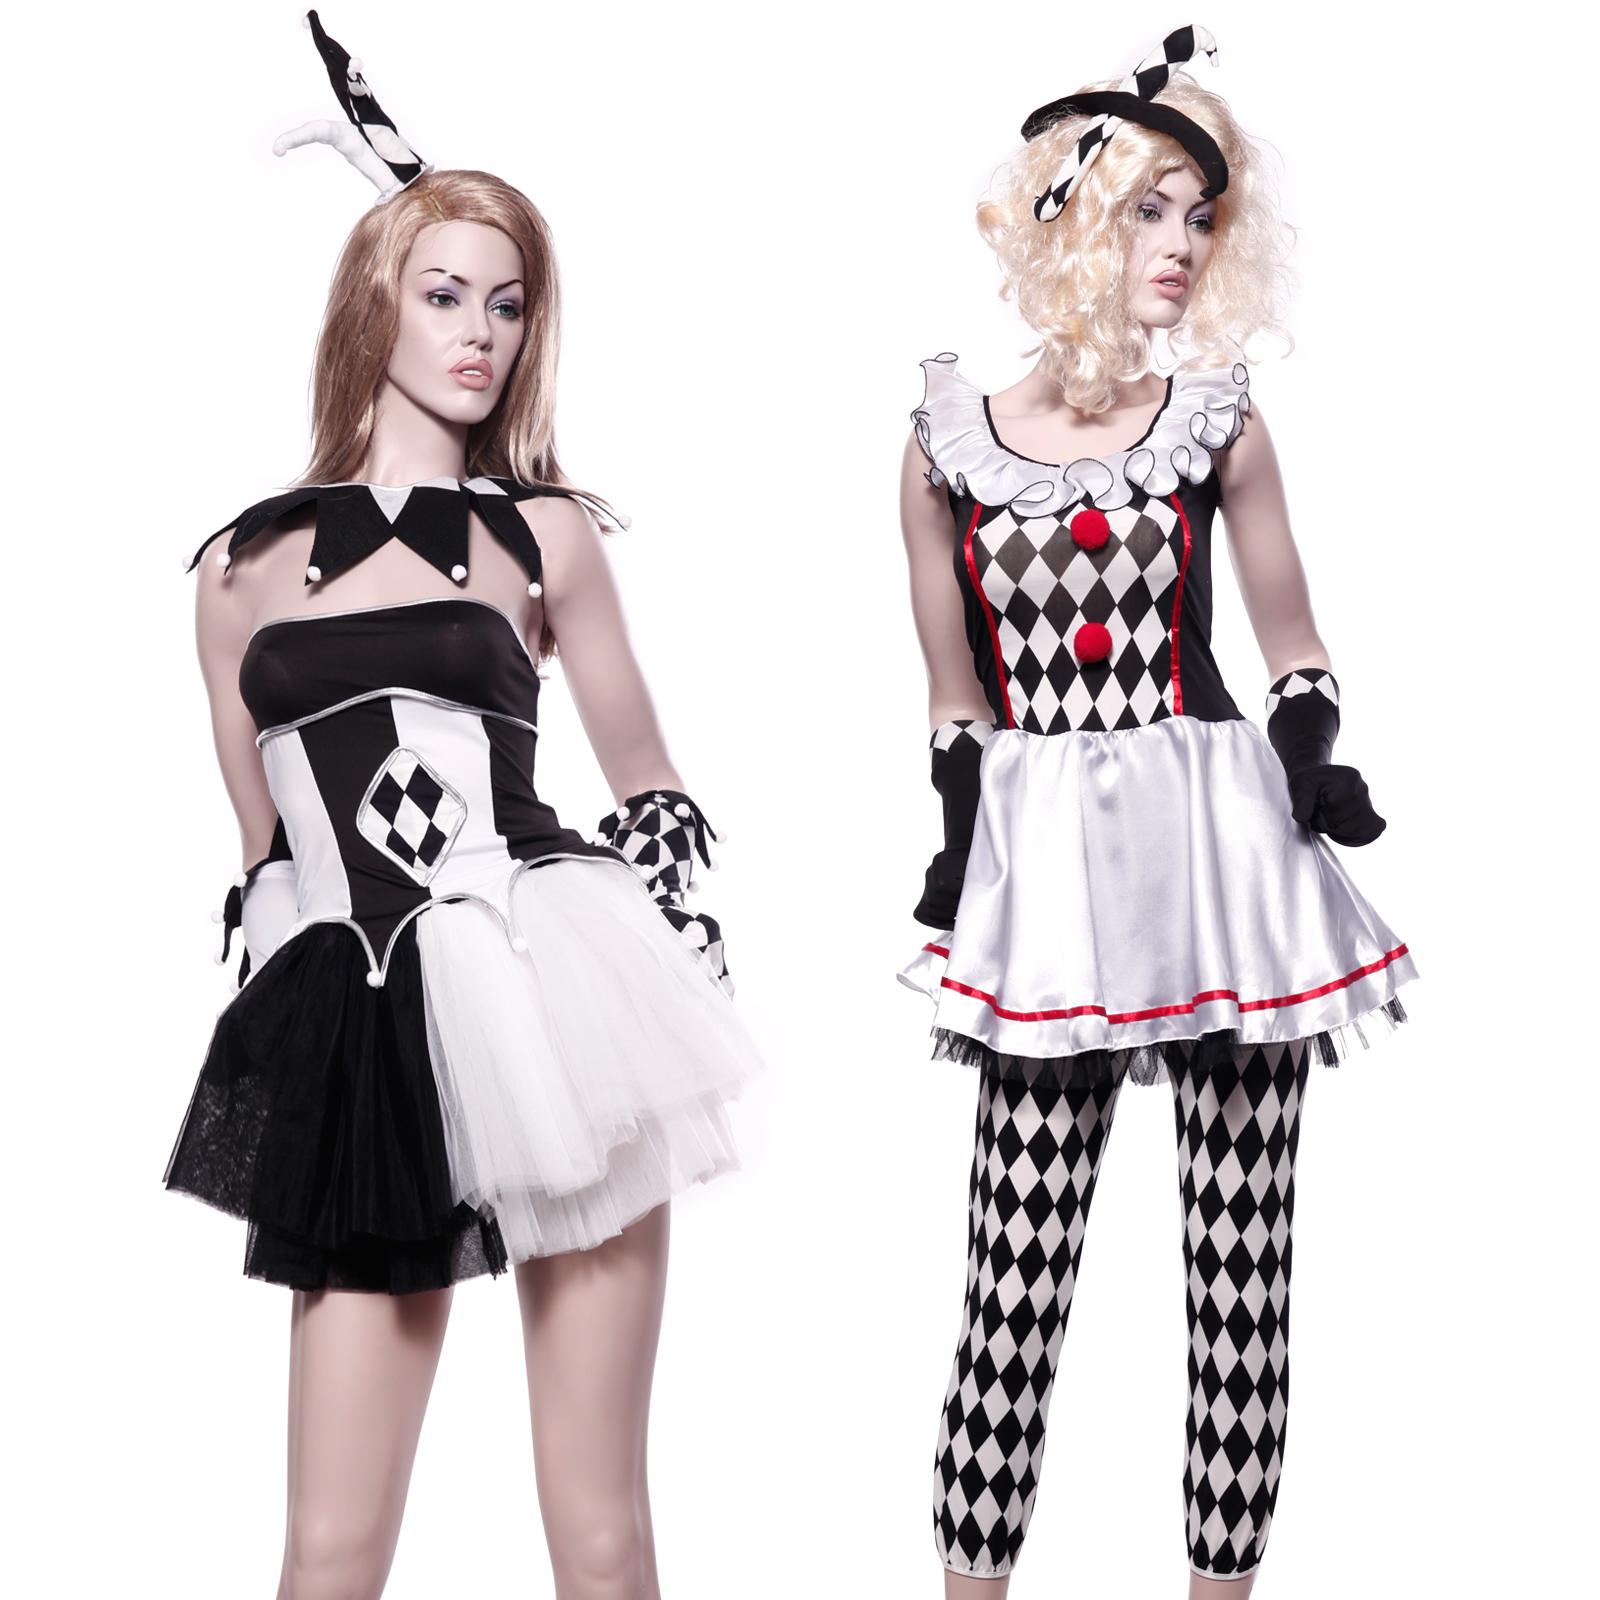 Zombie Kostüme Damen Best Of Hofnarr Joker Zombie Kostüm Y Halloween Horror Fasching